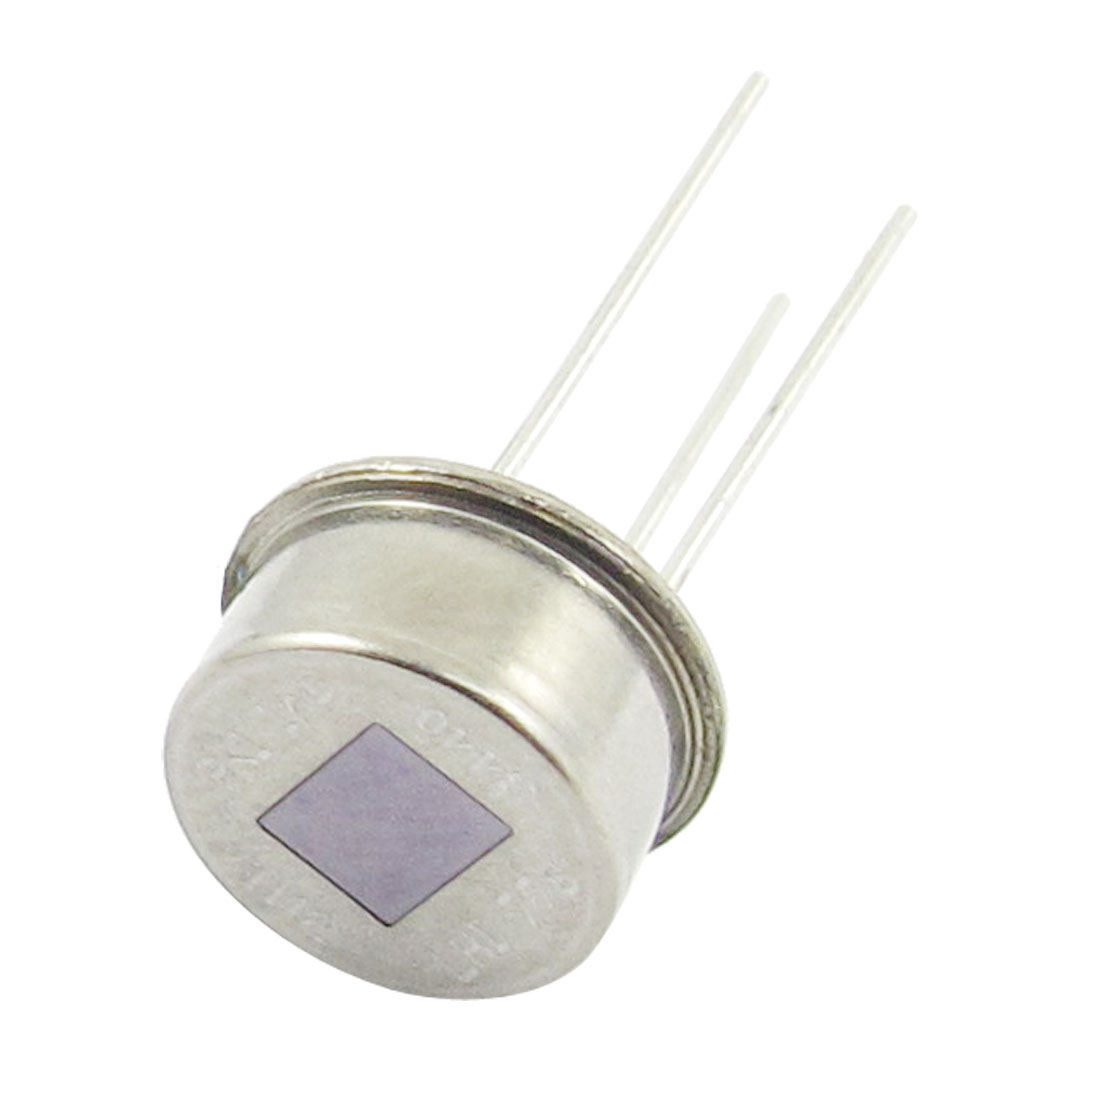 LHI778 3 Pin Terminals Pyroelectric Infrared Sensor Module Electronic